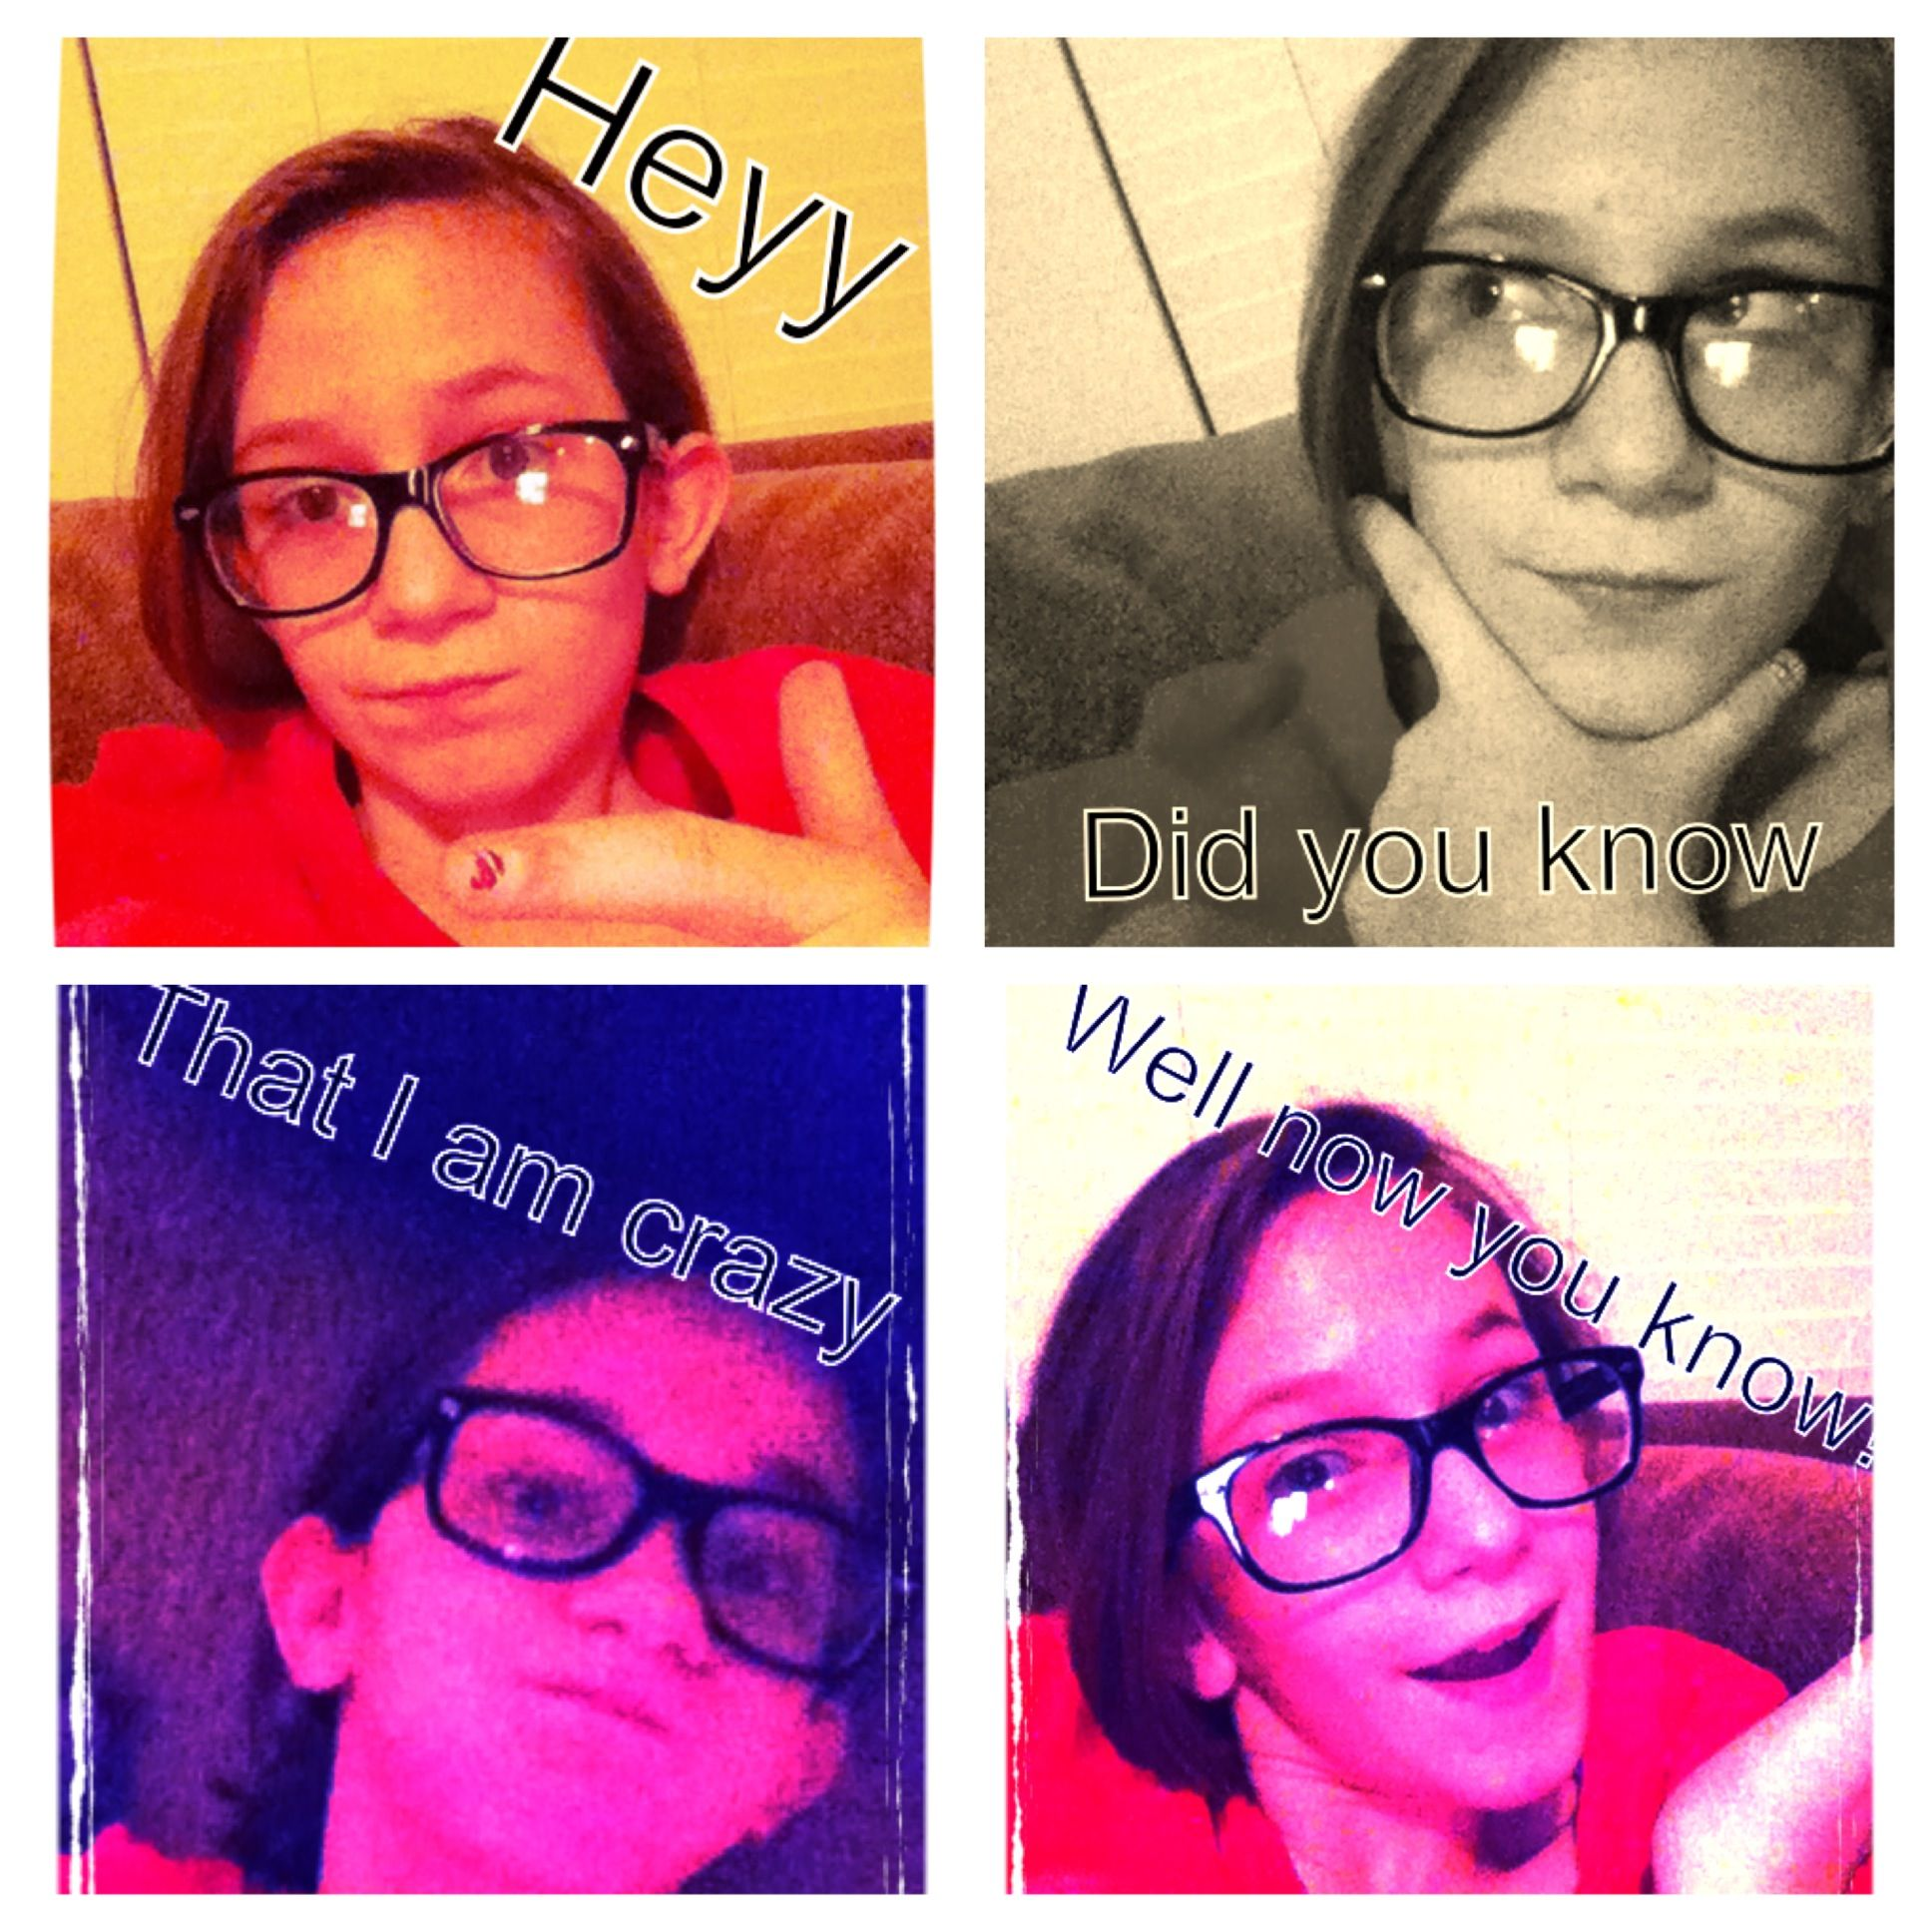 Yea I'm cray cray...;)